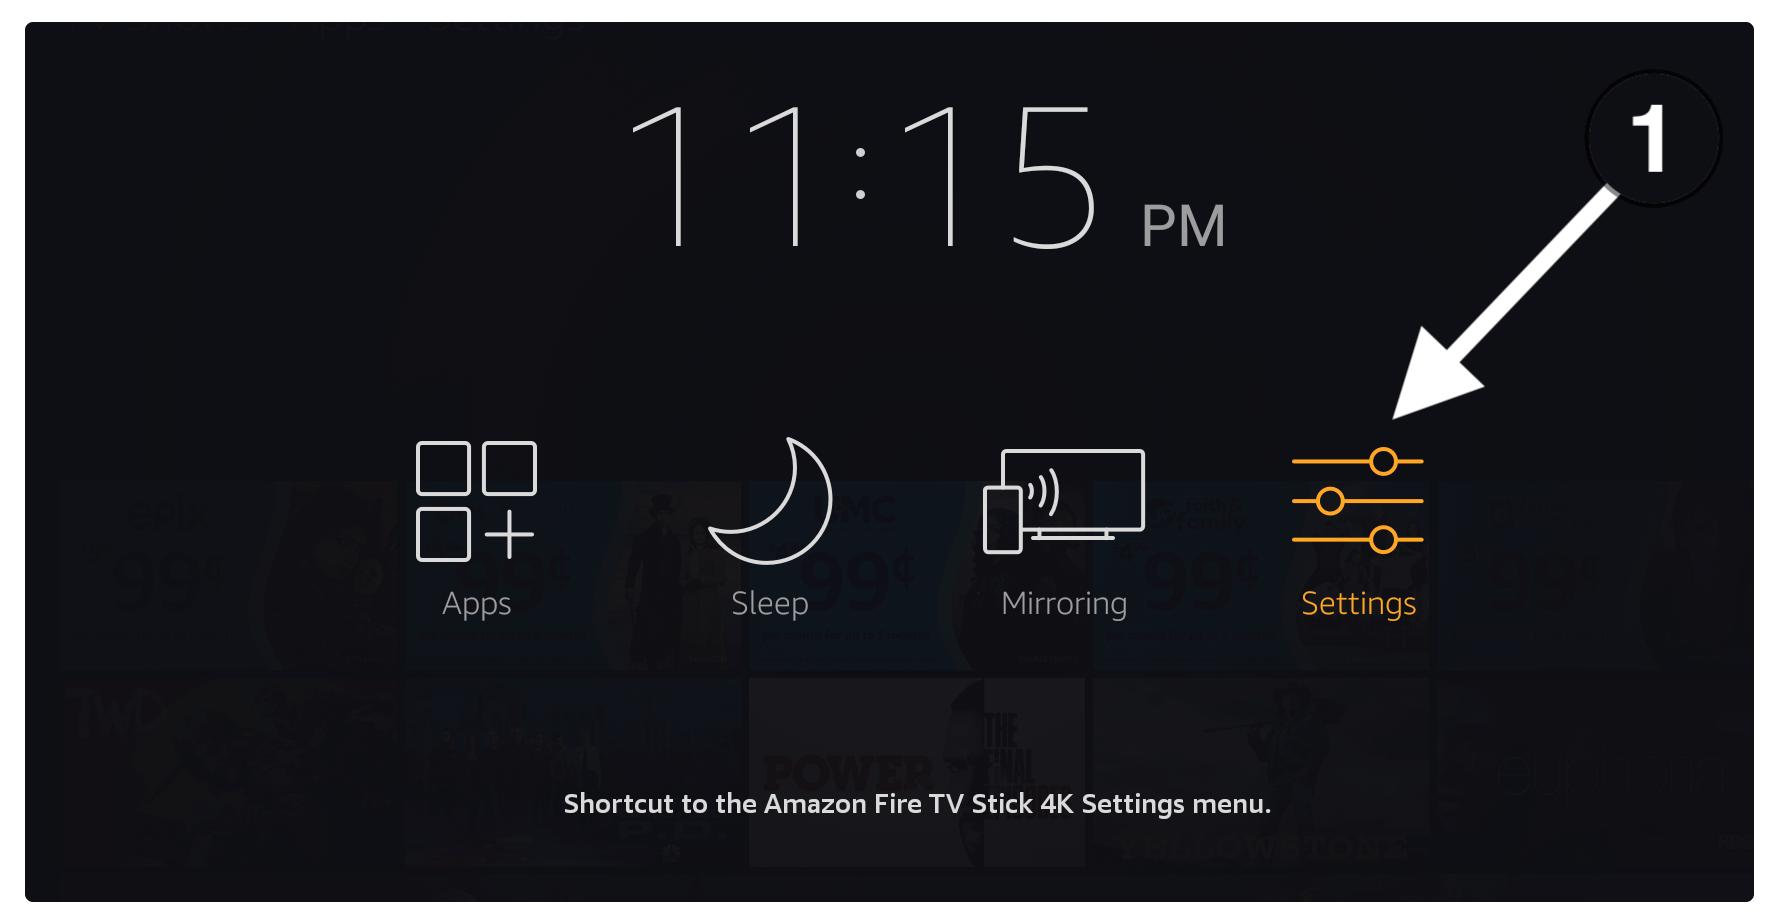 Fix-Restart-Firestick-Hulu-not-Working